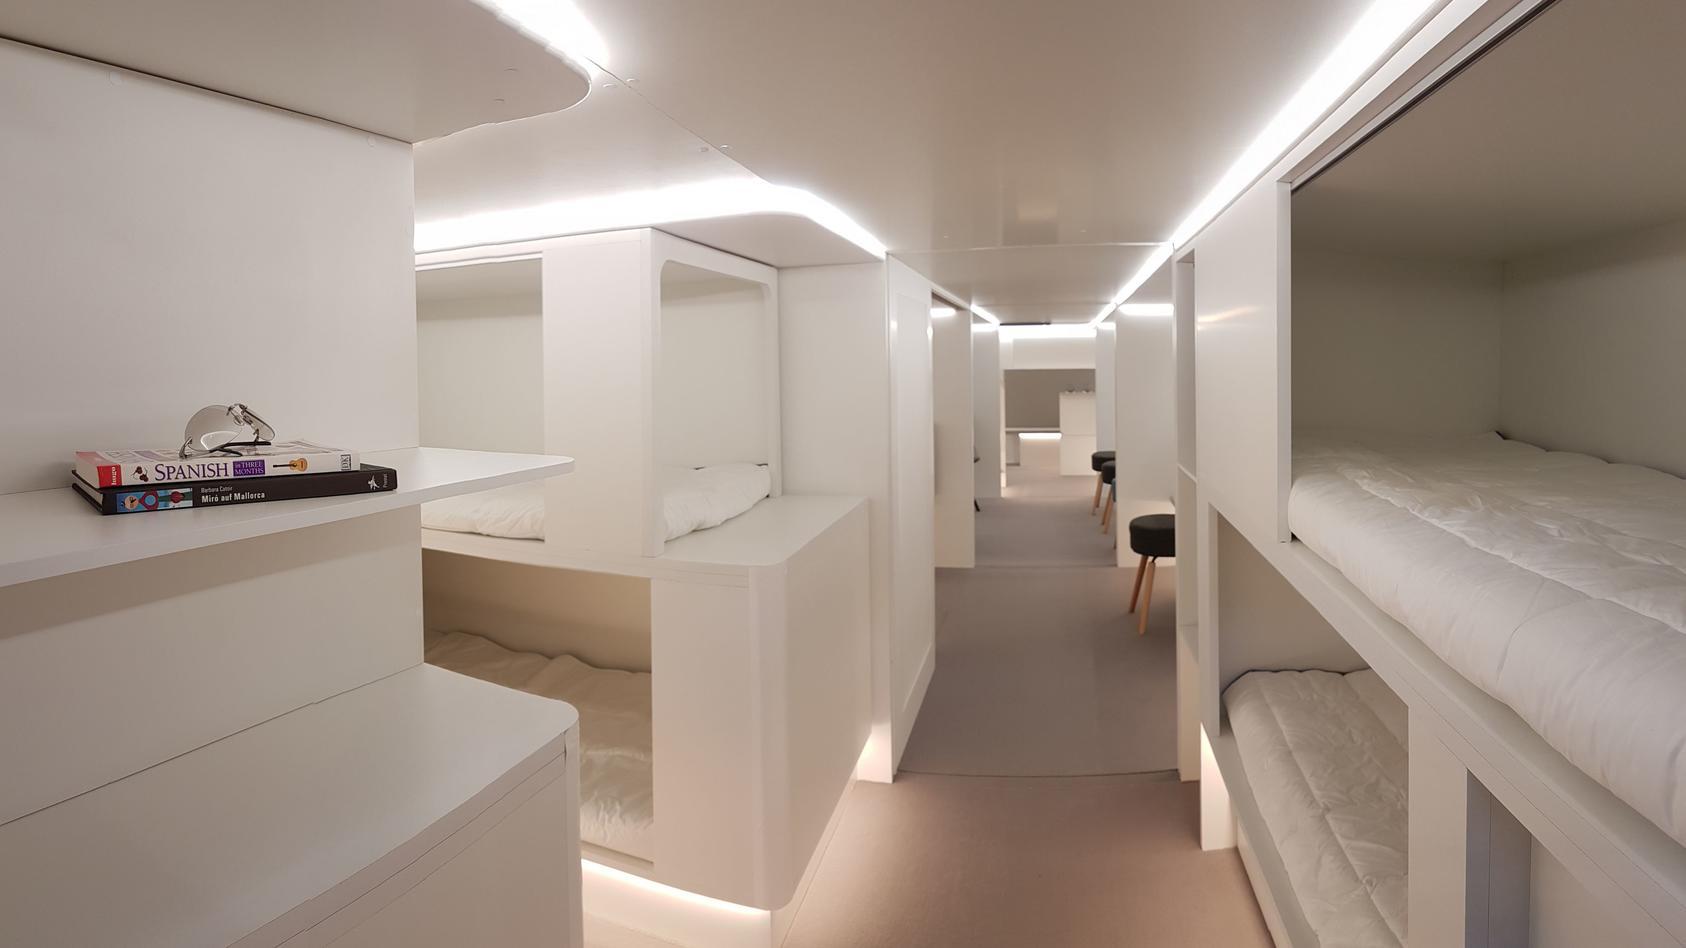 Das Konzept für die Kojen entwickelte Airbus gemeinsam mit dem Unternehmen Zodiac Aerospace. (Foto: Airbus)